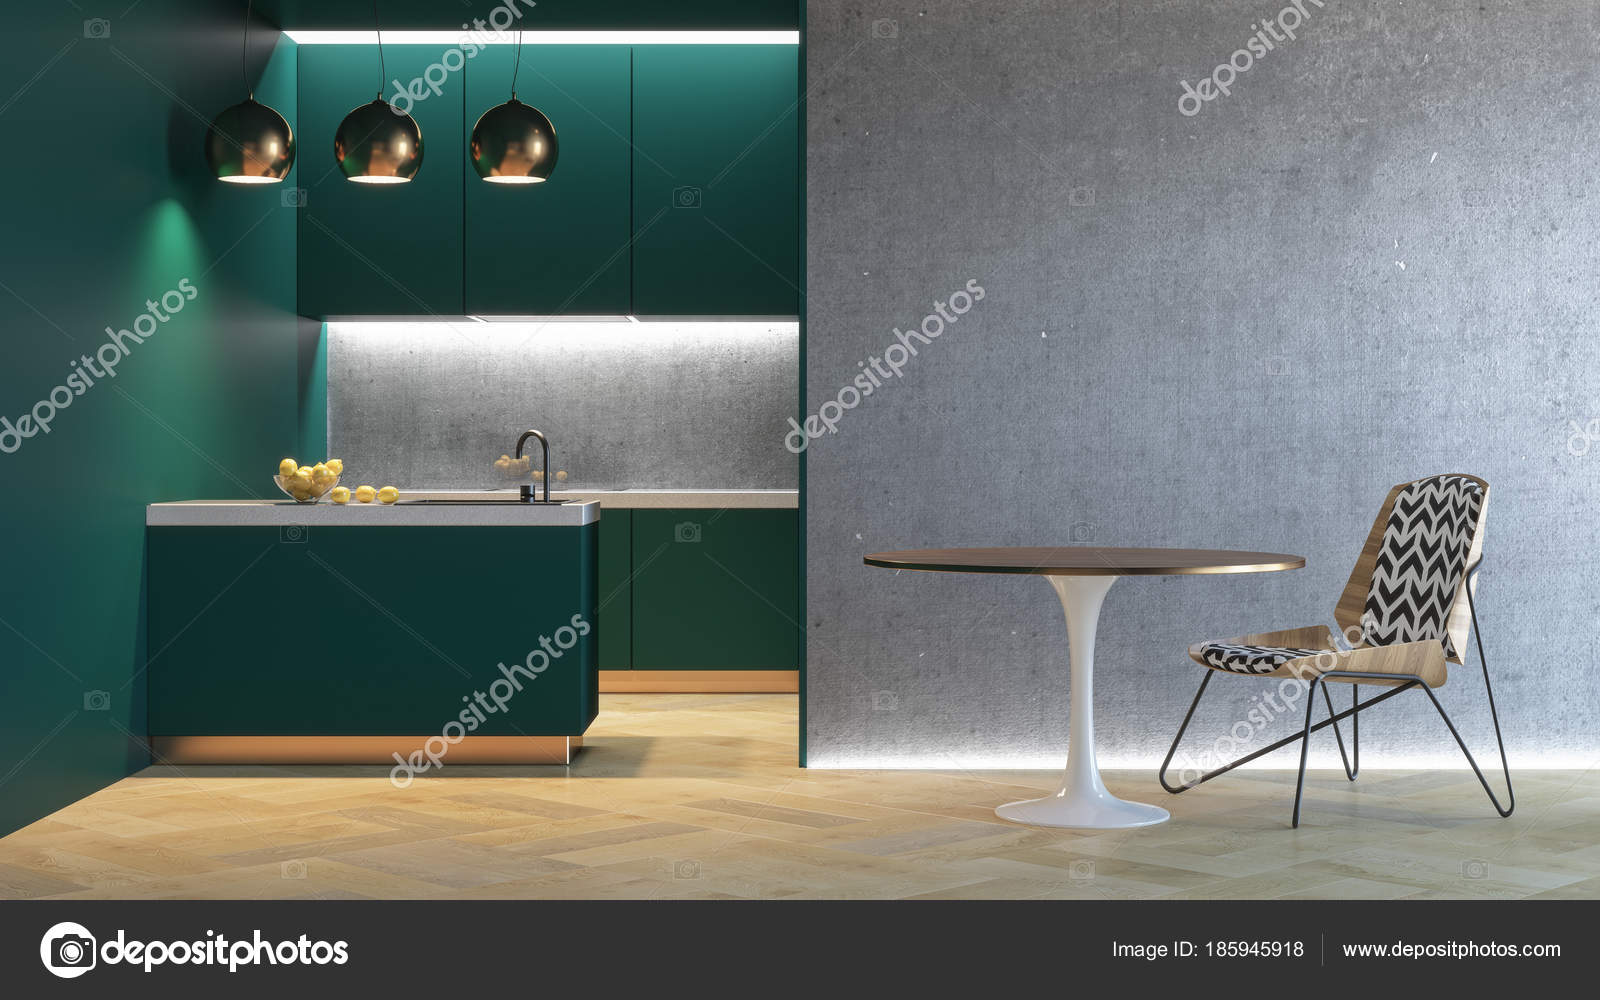 Keuken groene minimalistische interieur d render illustratie